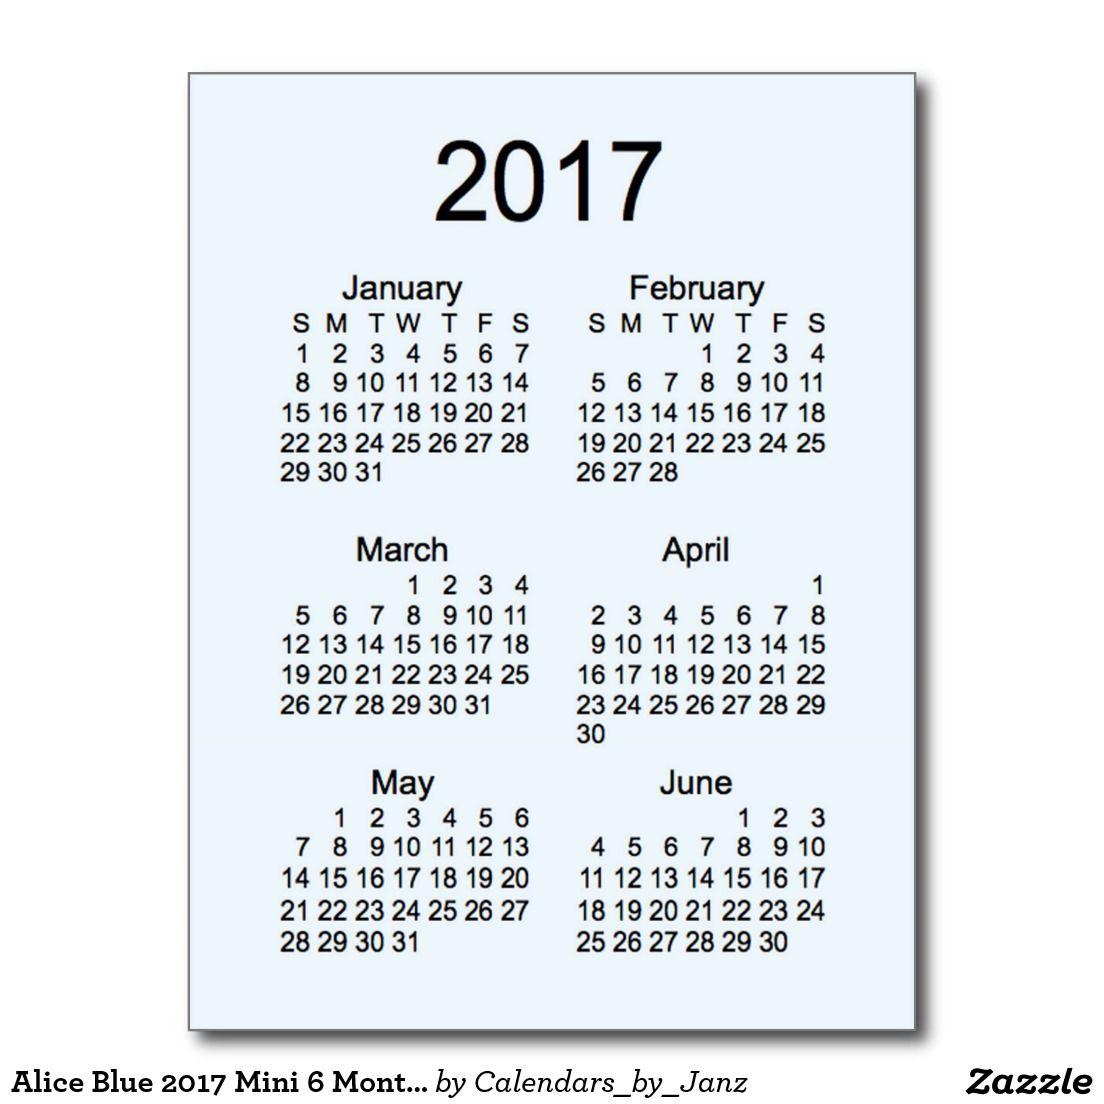 6 month calendar